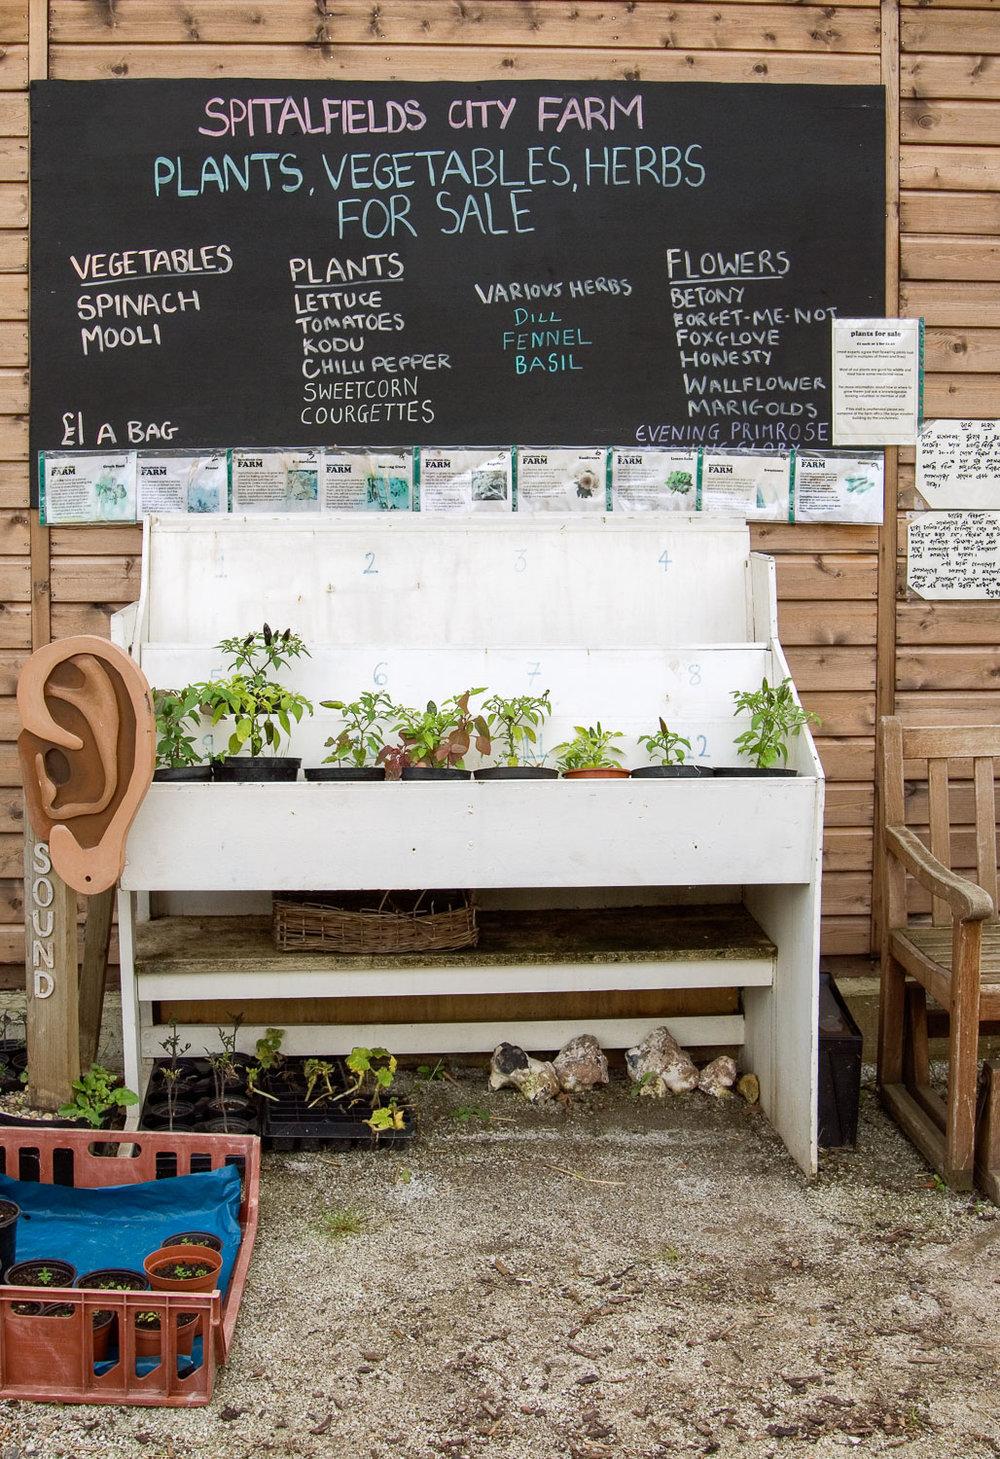 Spitalfields City Farm